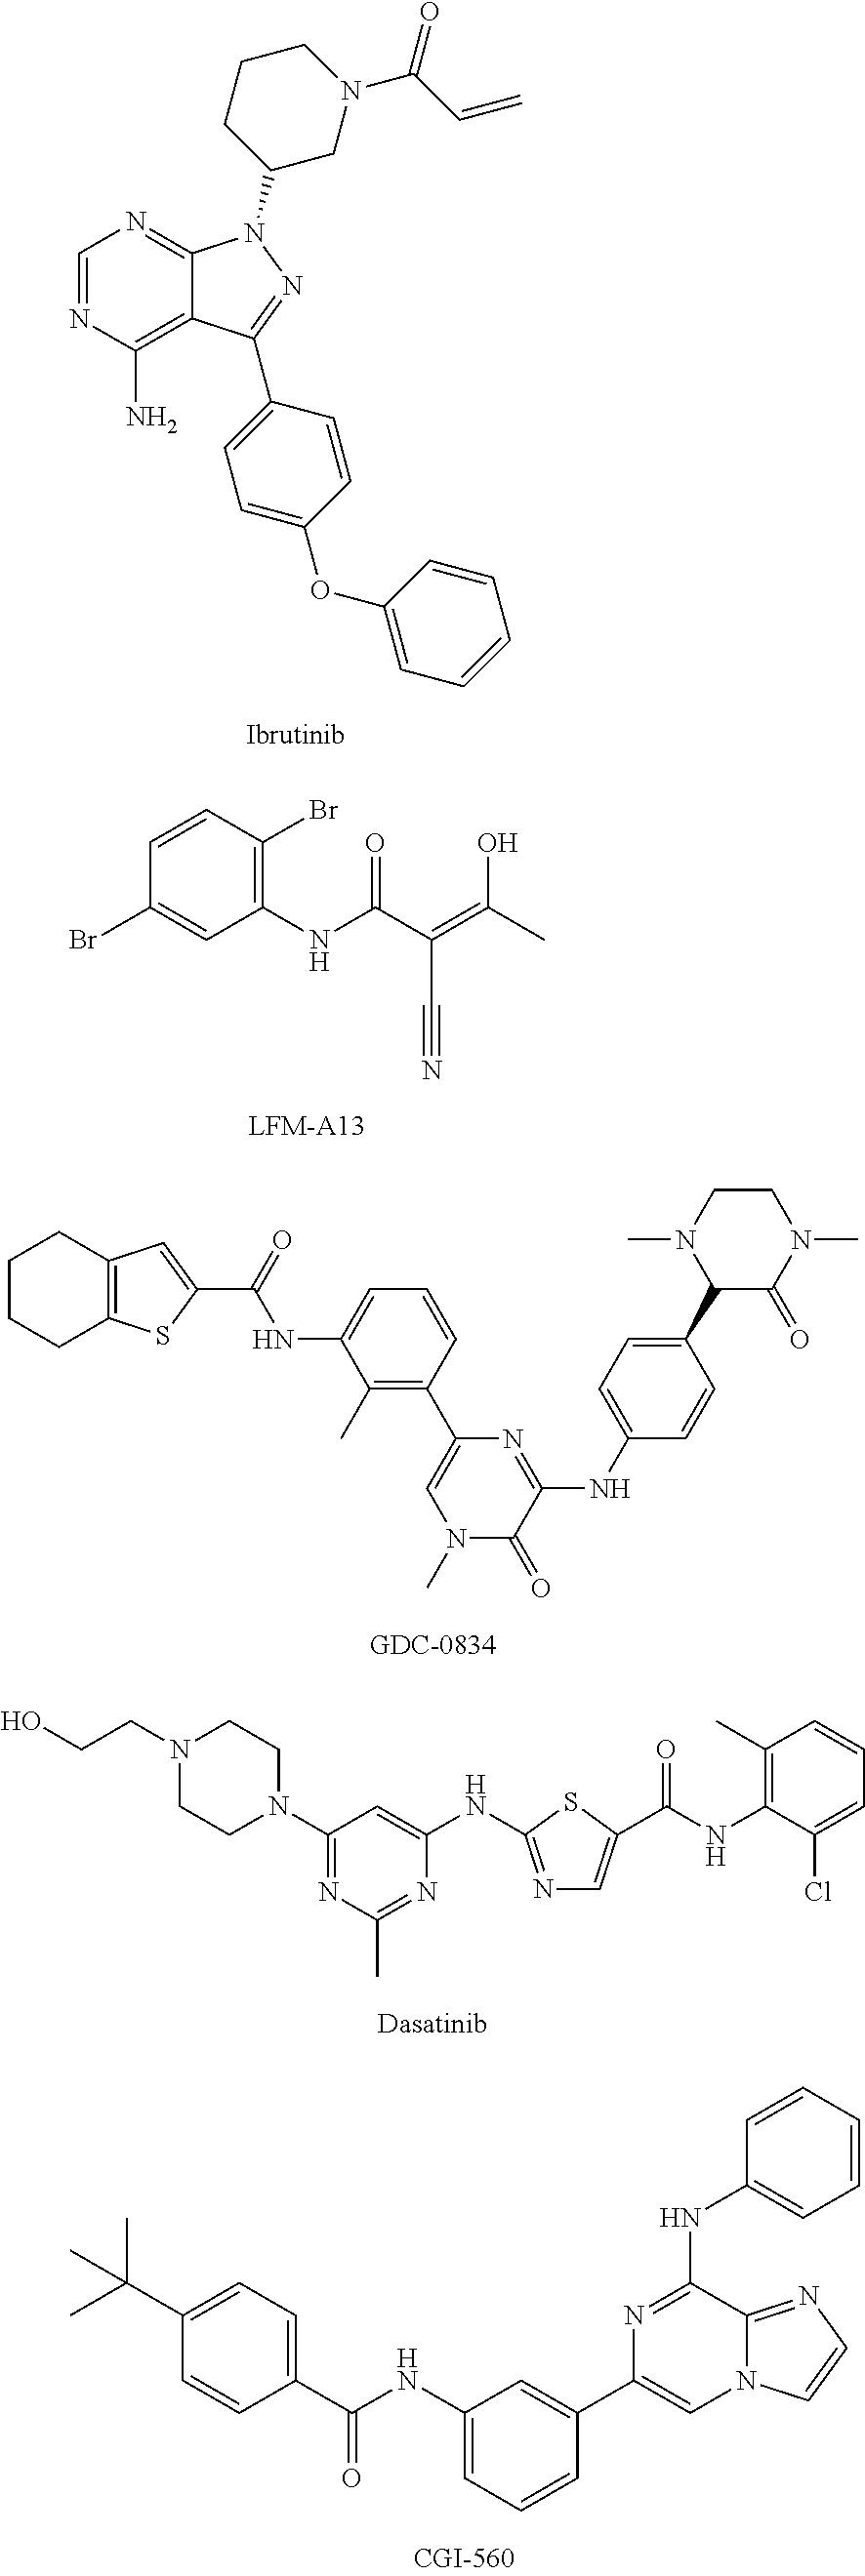 Figure US09895383-20180220-C00001